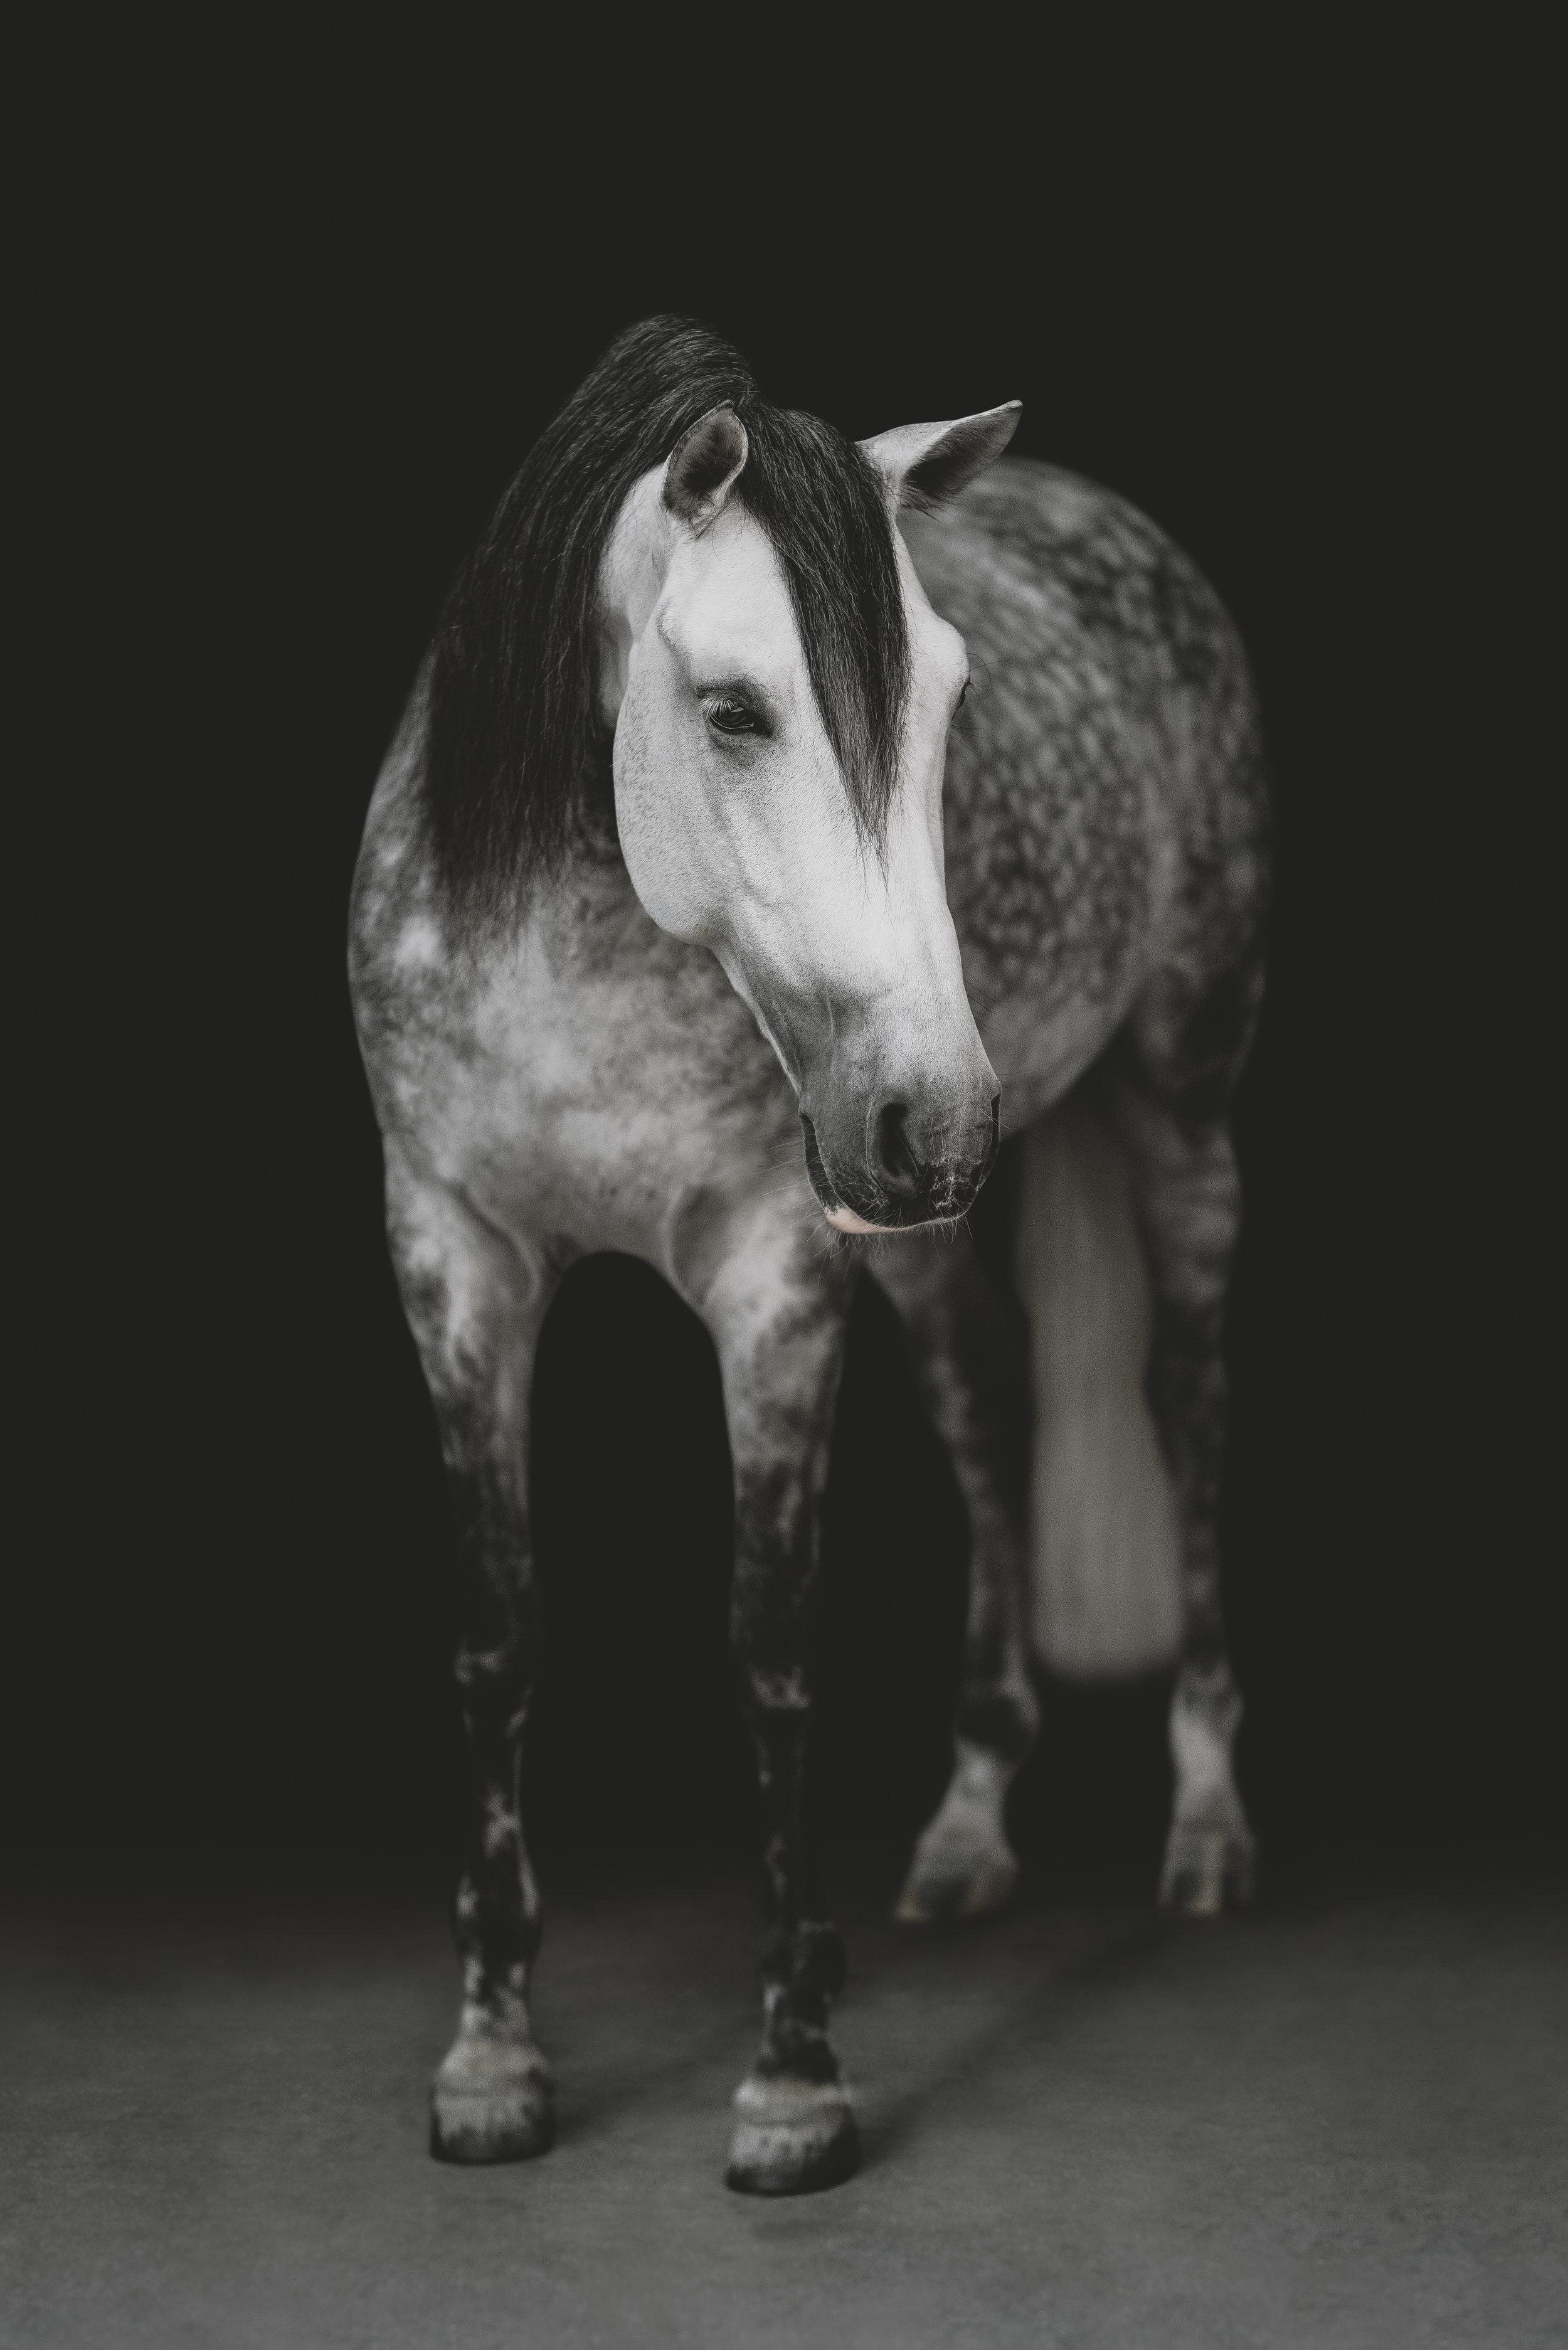 medevialtimes_horseportraits_edited-16.jpg